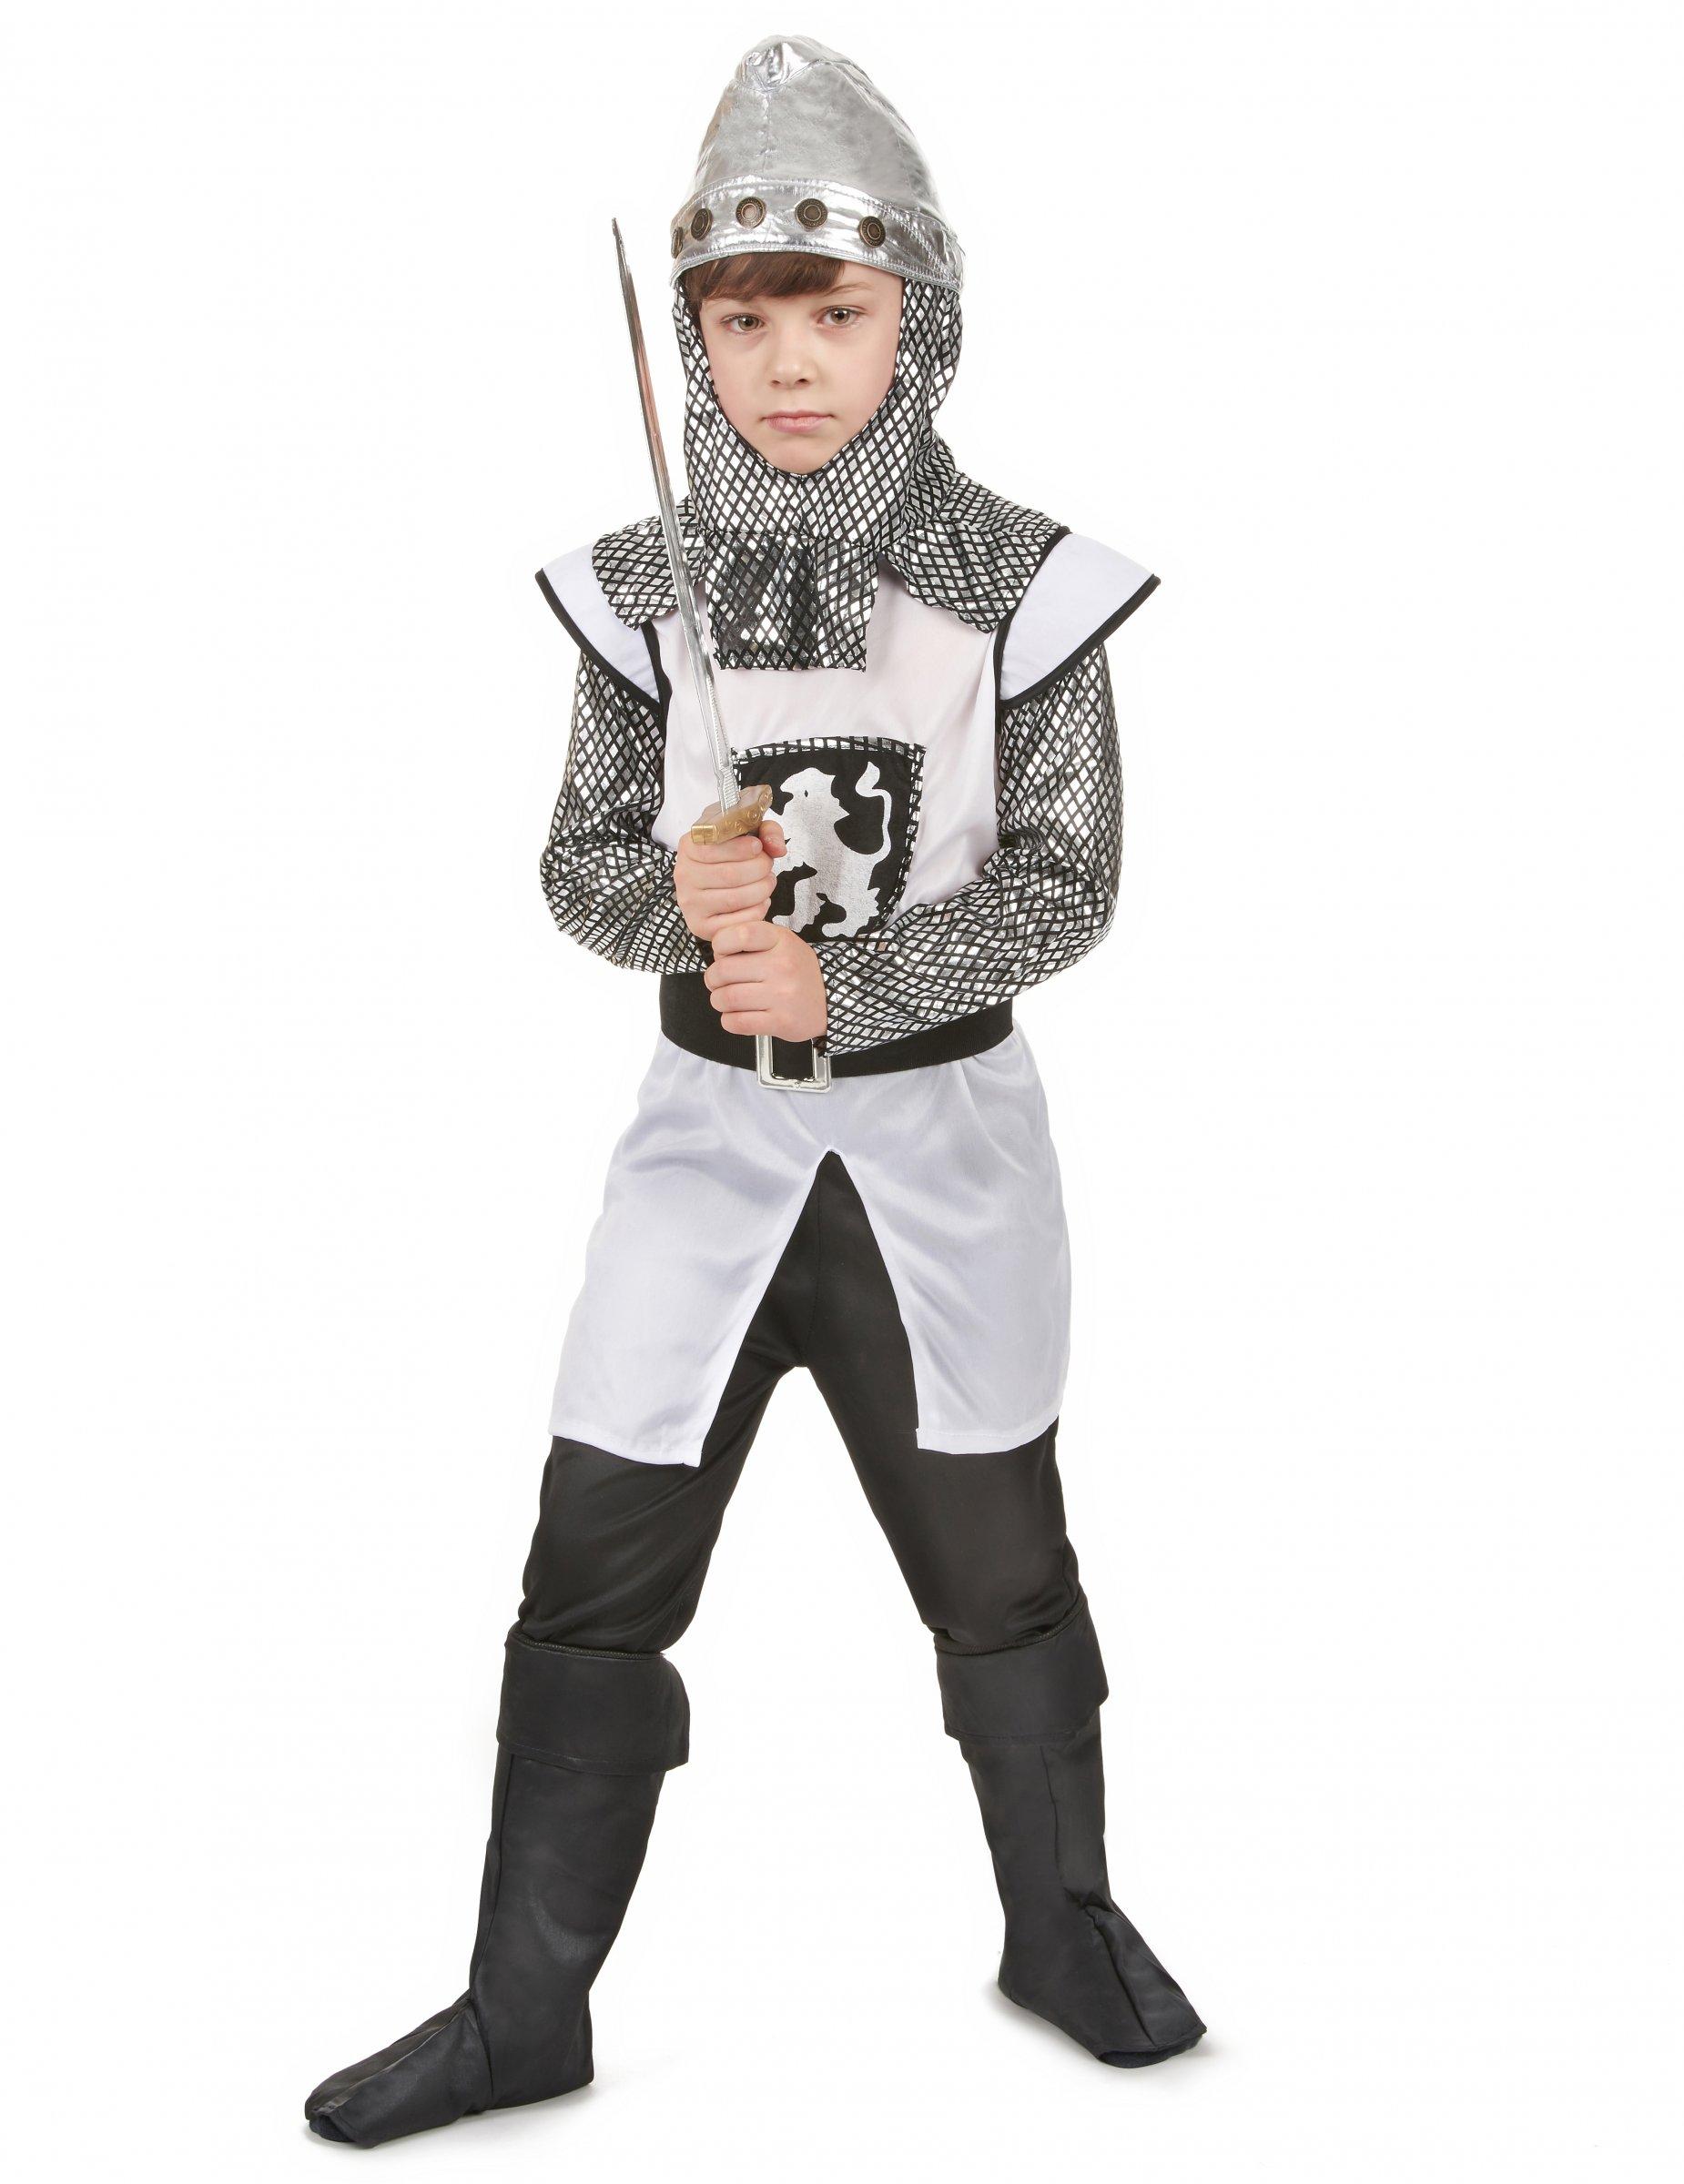 Costumi da Arlecchino e grandi classici per bambini - Vegaoo.it db0ec7598725